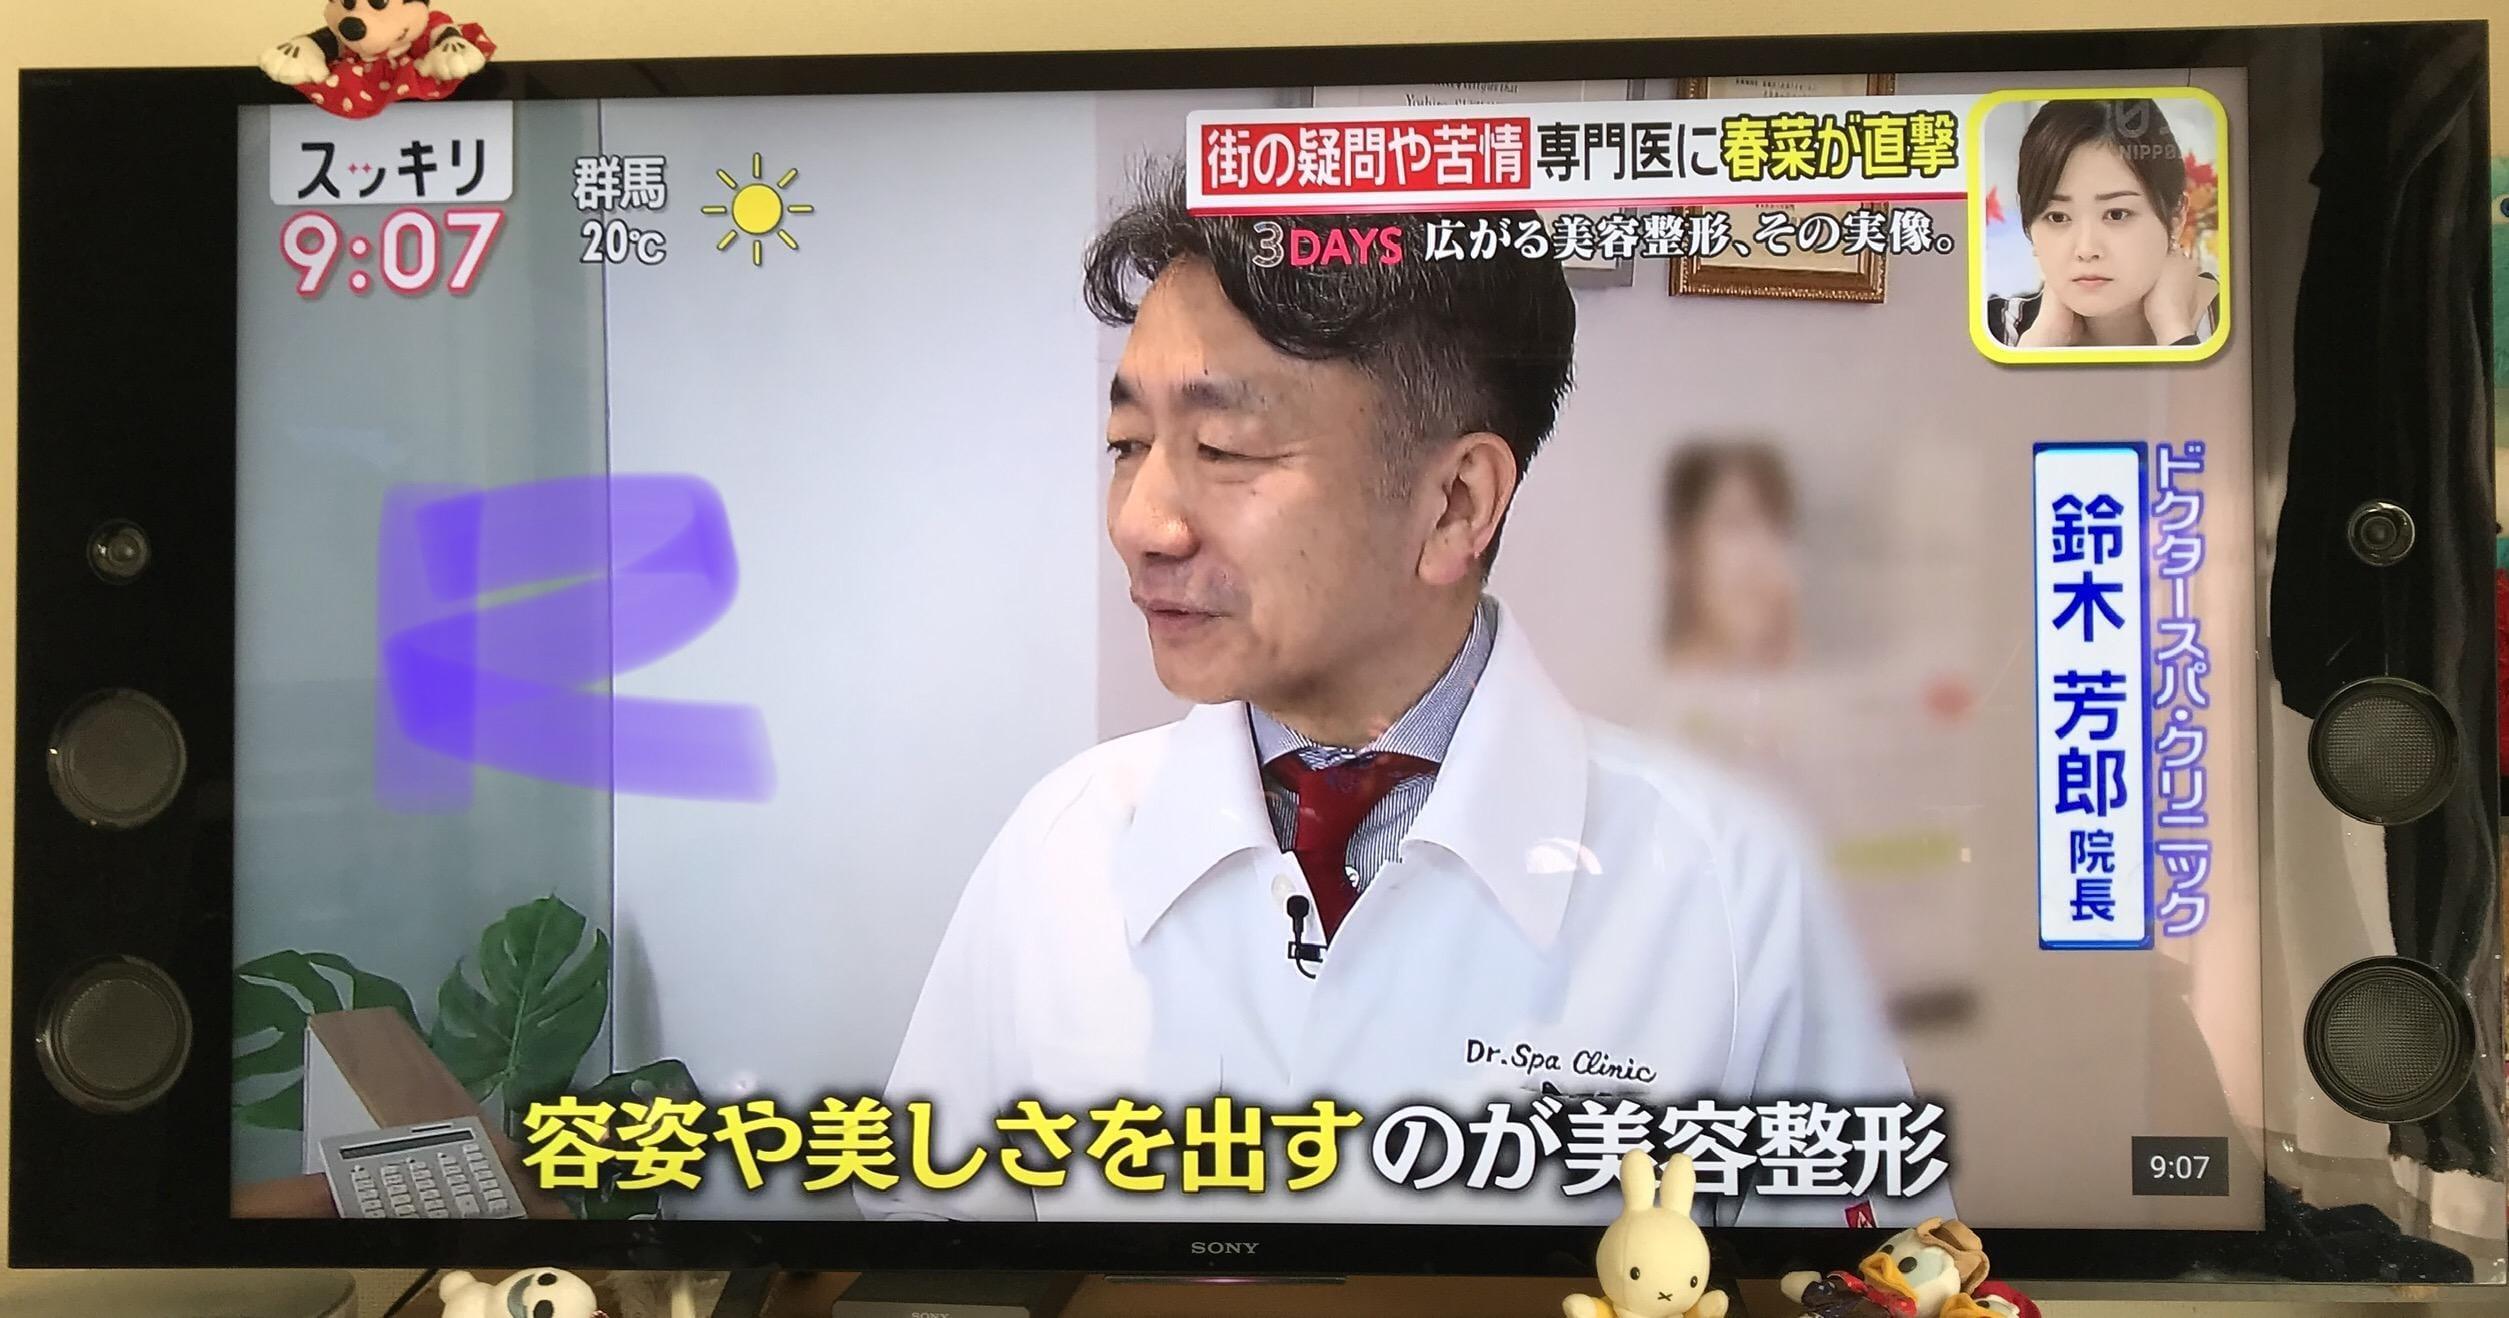 れい「整形∠(゚ω゚)/チェーンジ」11/12(火) 09:38 | れいの写メ・風俗動画